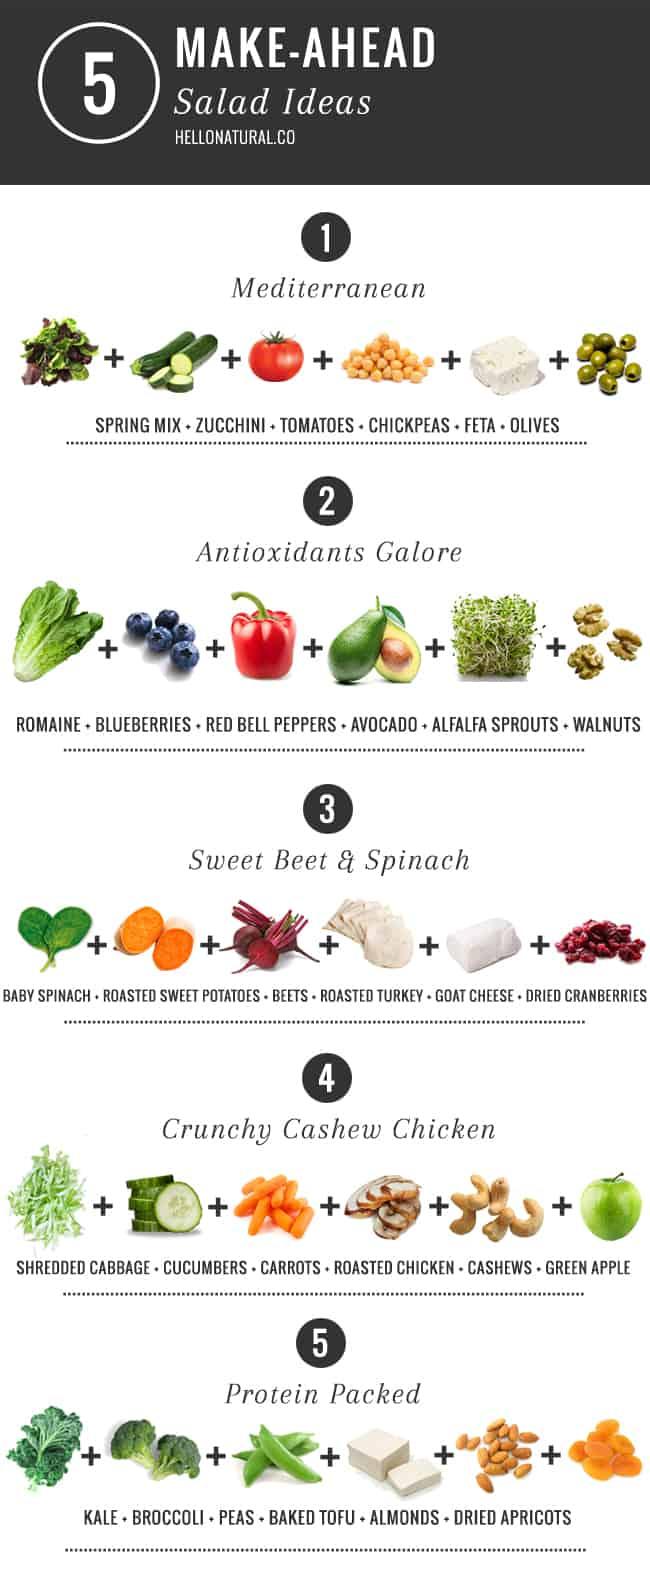 5 Make-Ahead Salad Ideas